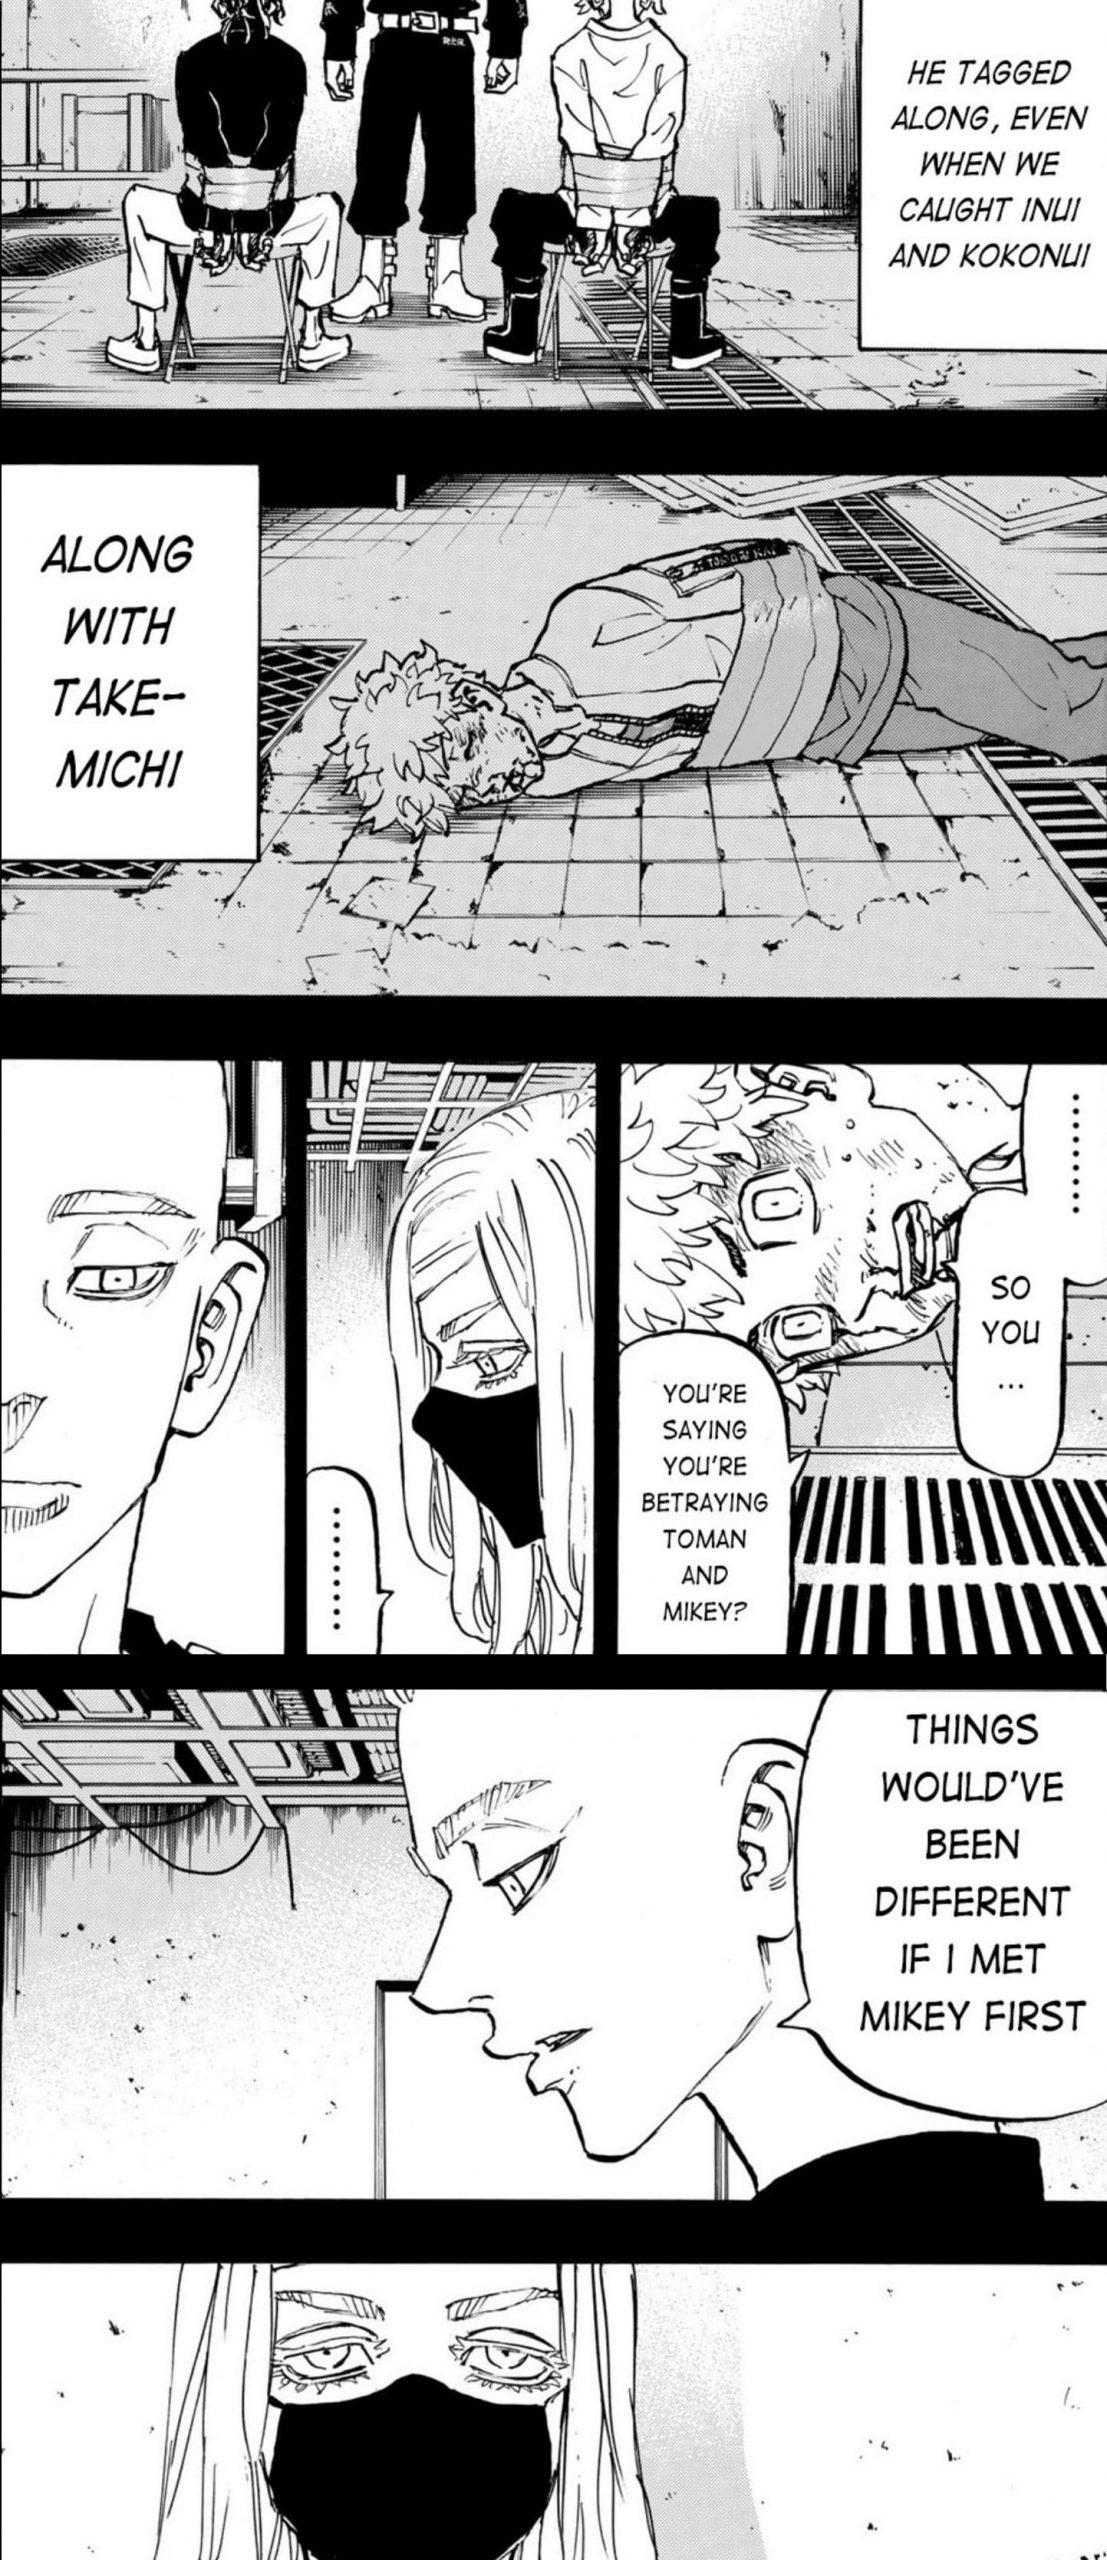 Bahas Tokyo Revengers Chapter ke 206 8